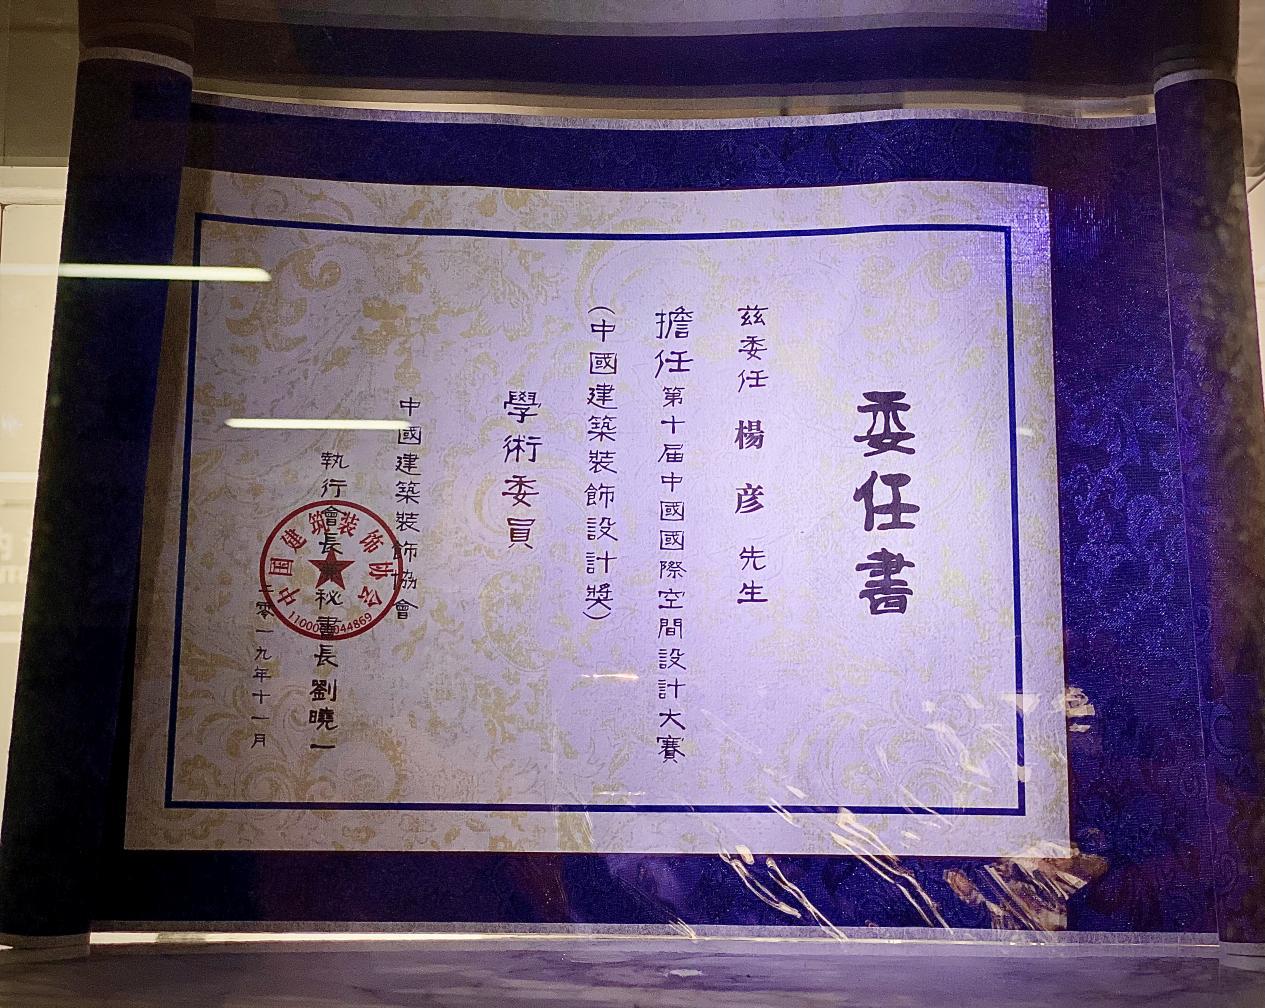 品彦创始人杨彦先生荣任第十届国际空间设计大赛学术委员